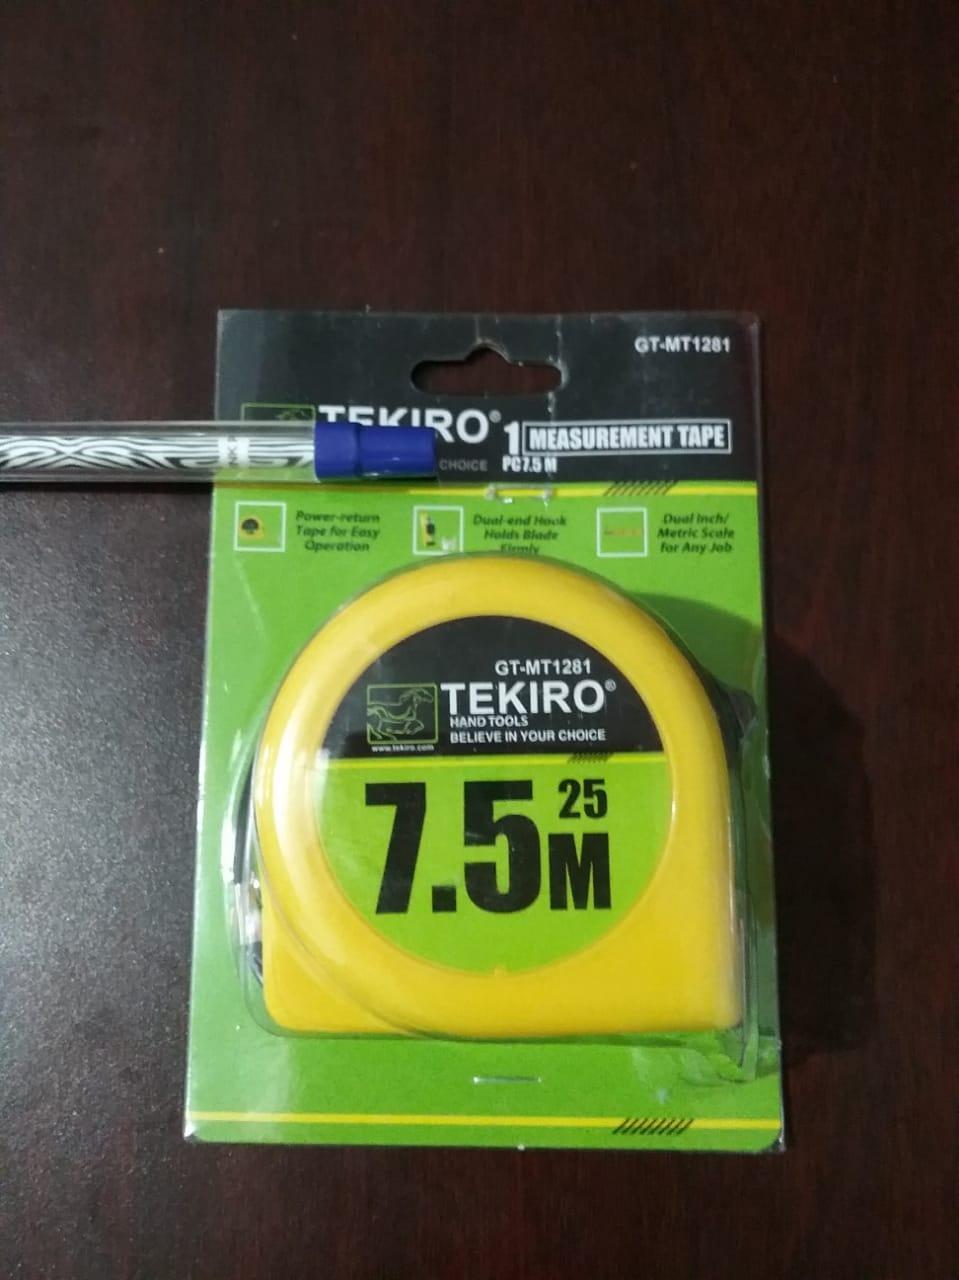 Tekiro Measurement Tape 7.5M